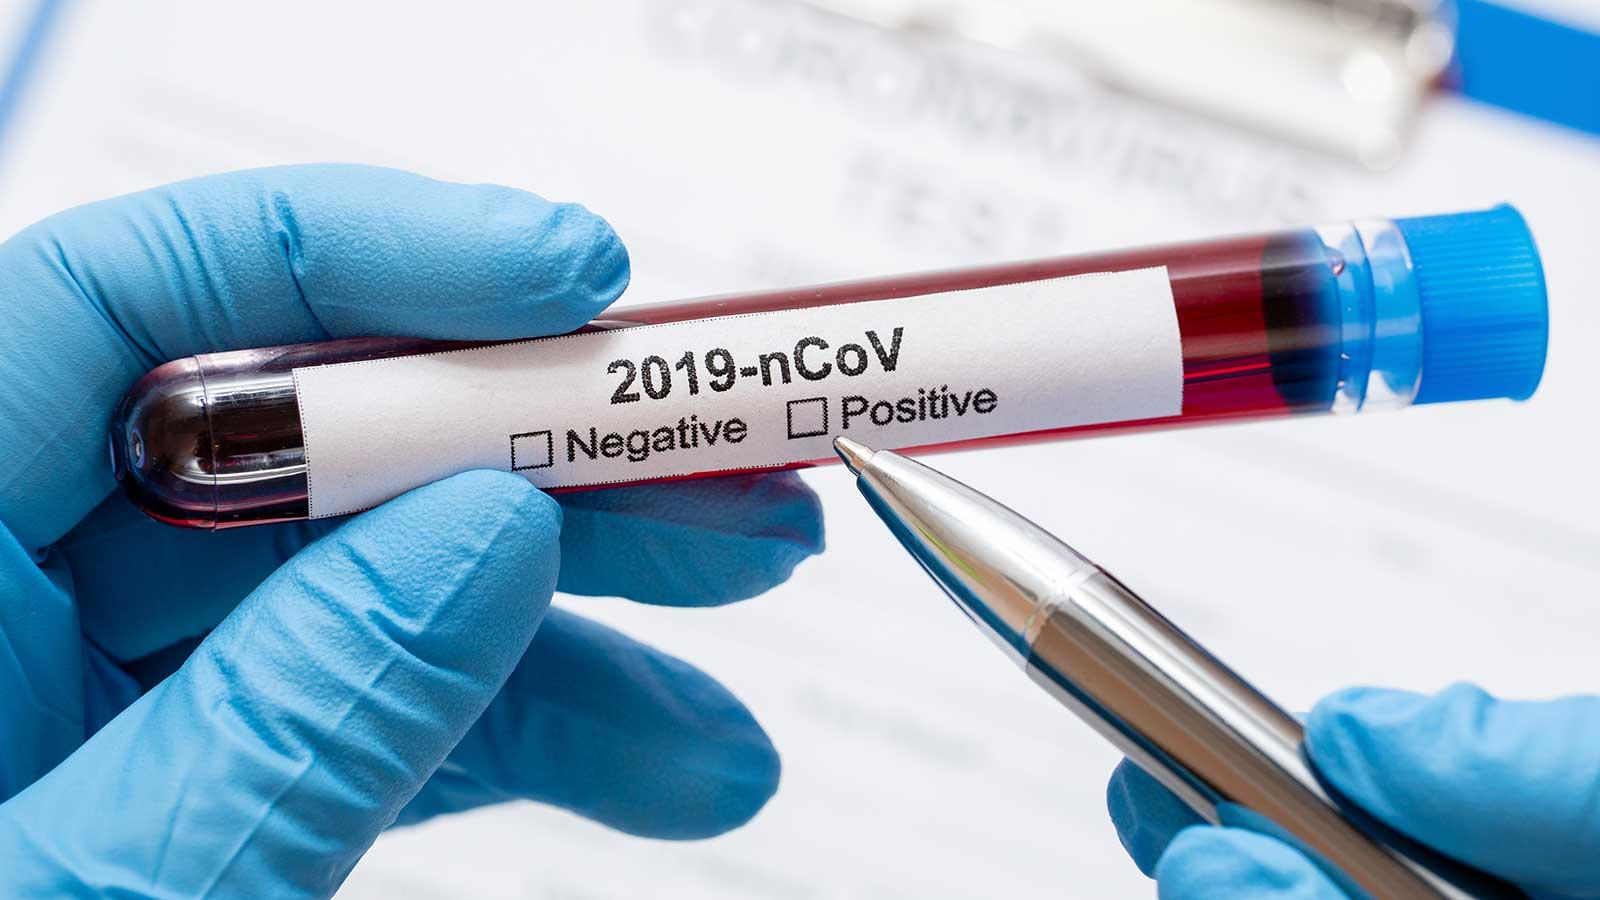 foto di fiala con tampone per il coronavirus